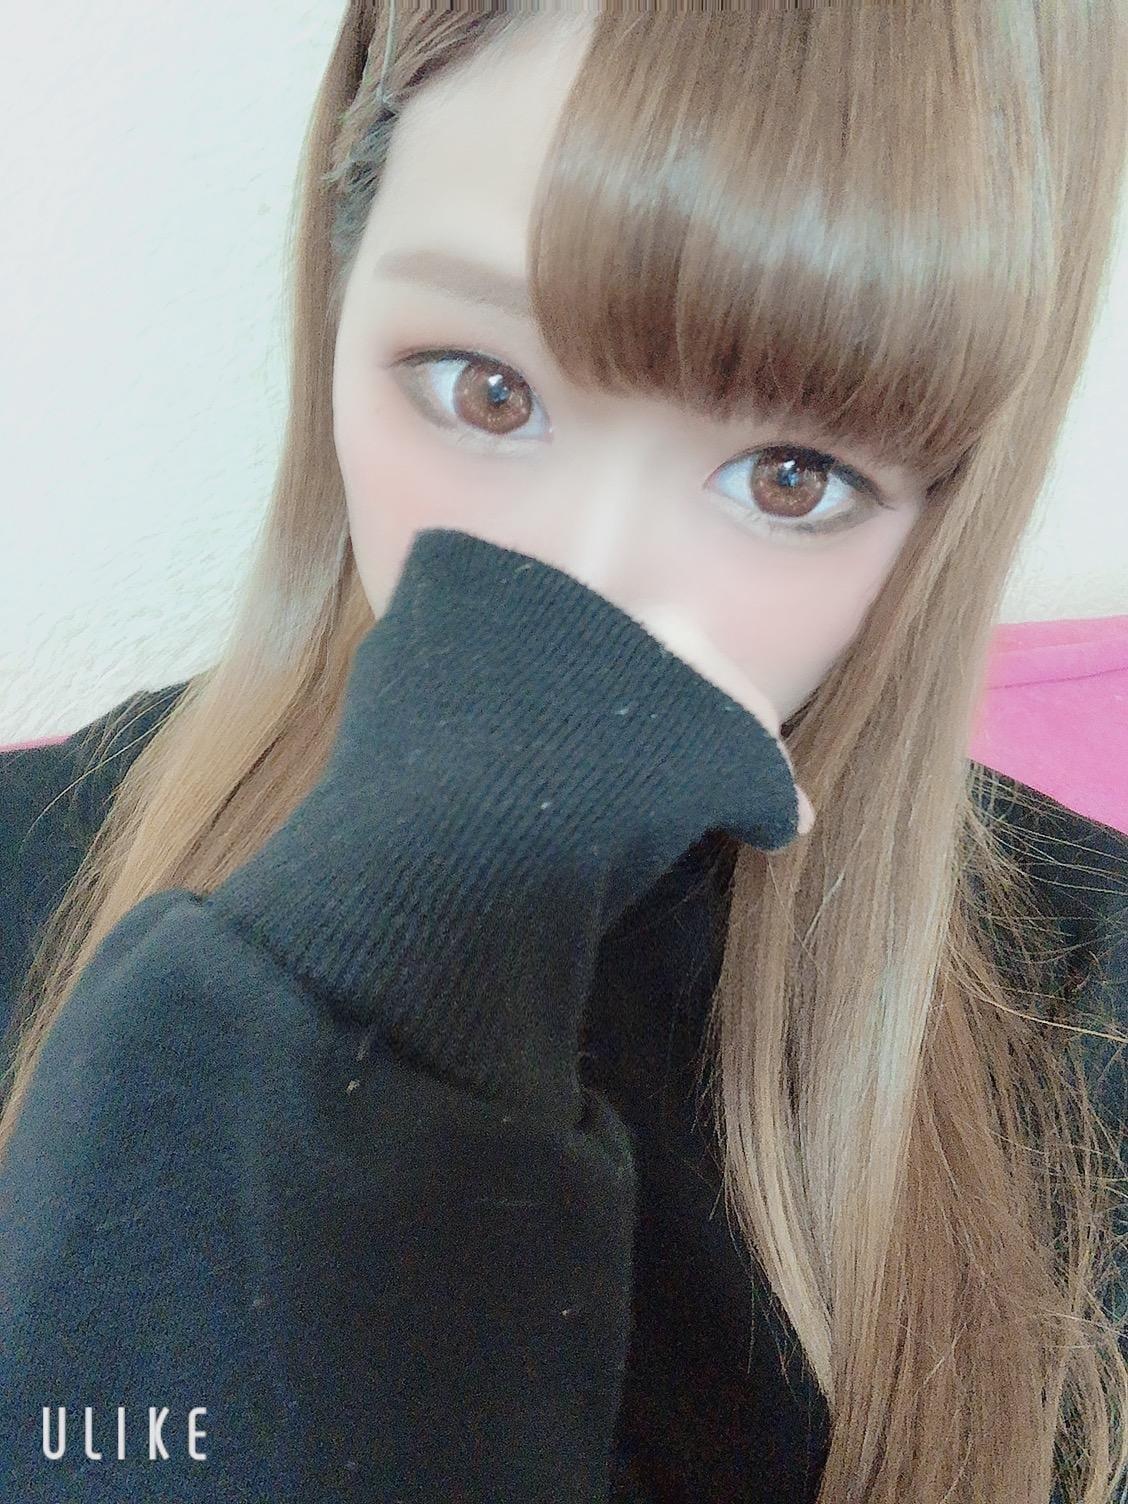 「おはよぉ(*´`*)」04/11(04/11) 17:06 | ☆えみり☆の写メ・風俗動画